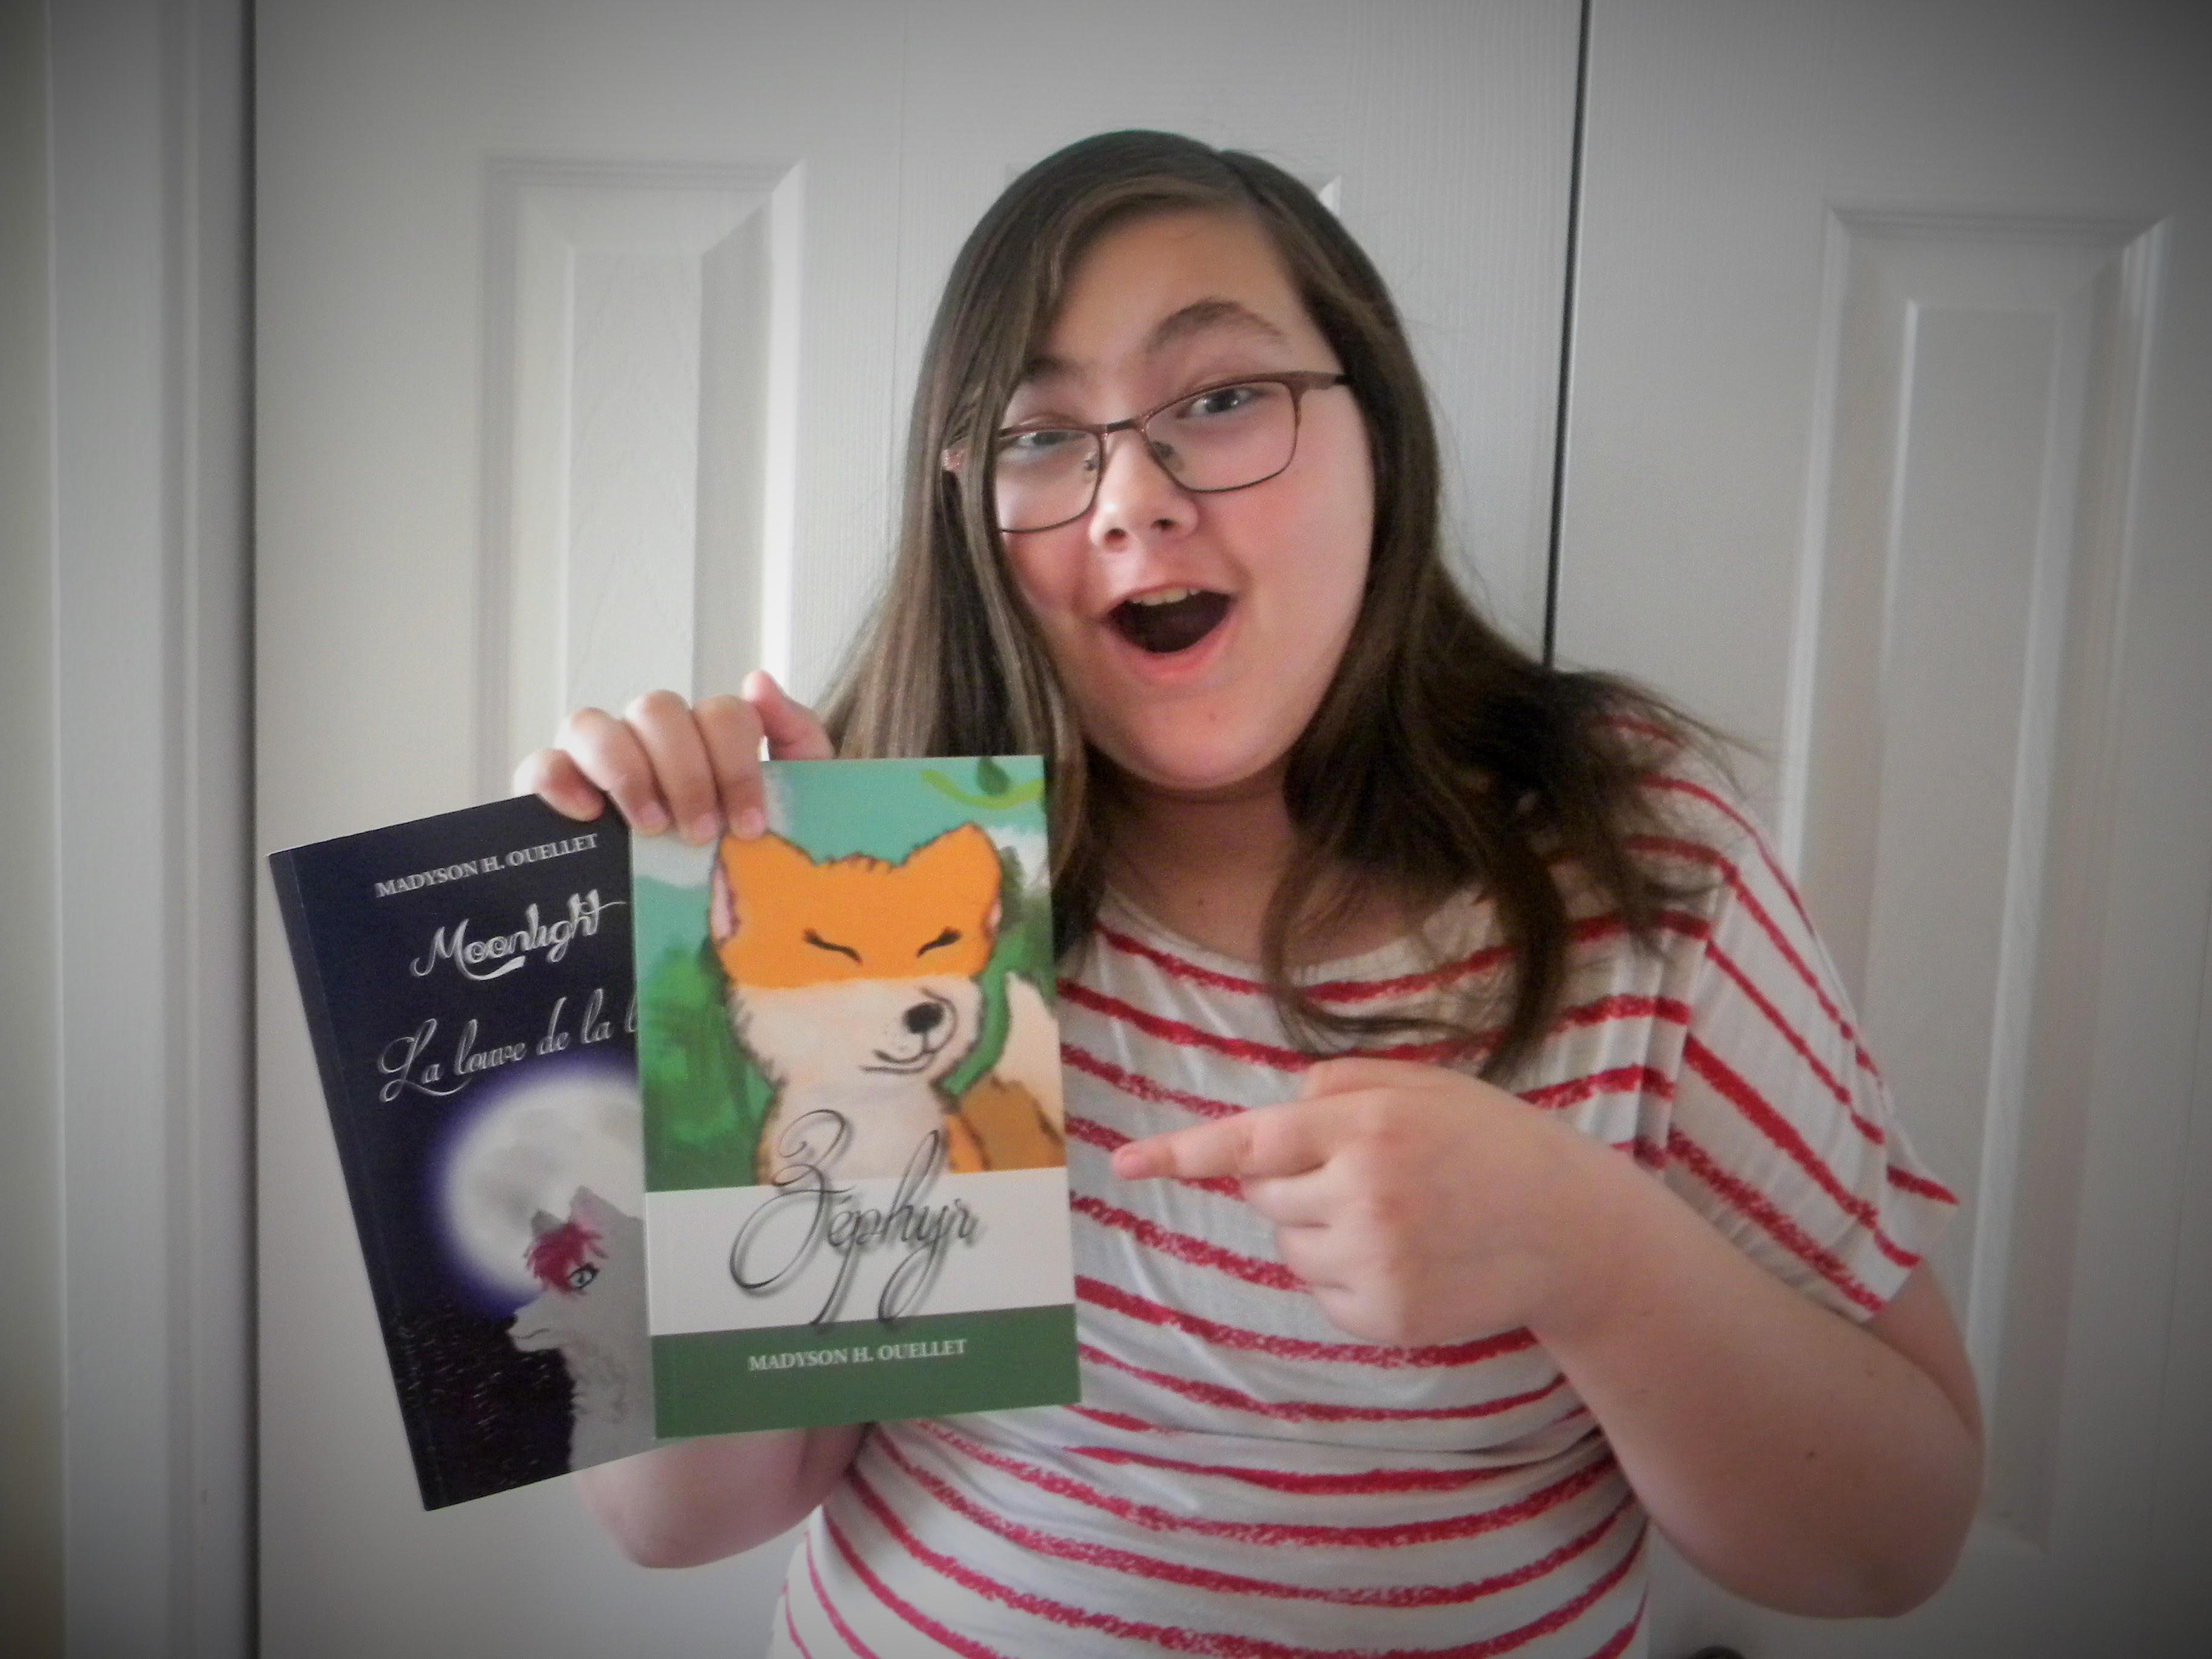 À 11 ans, une Port-Cartoise publie deux livres